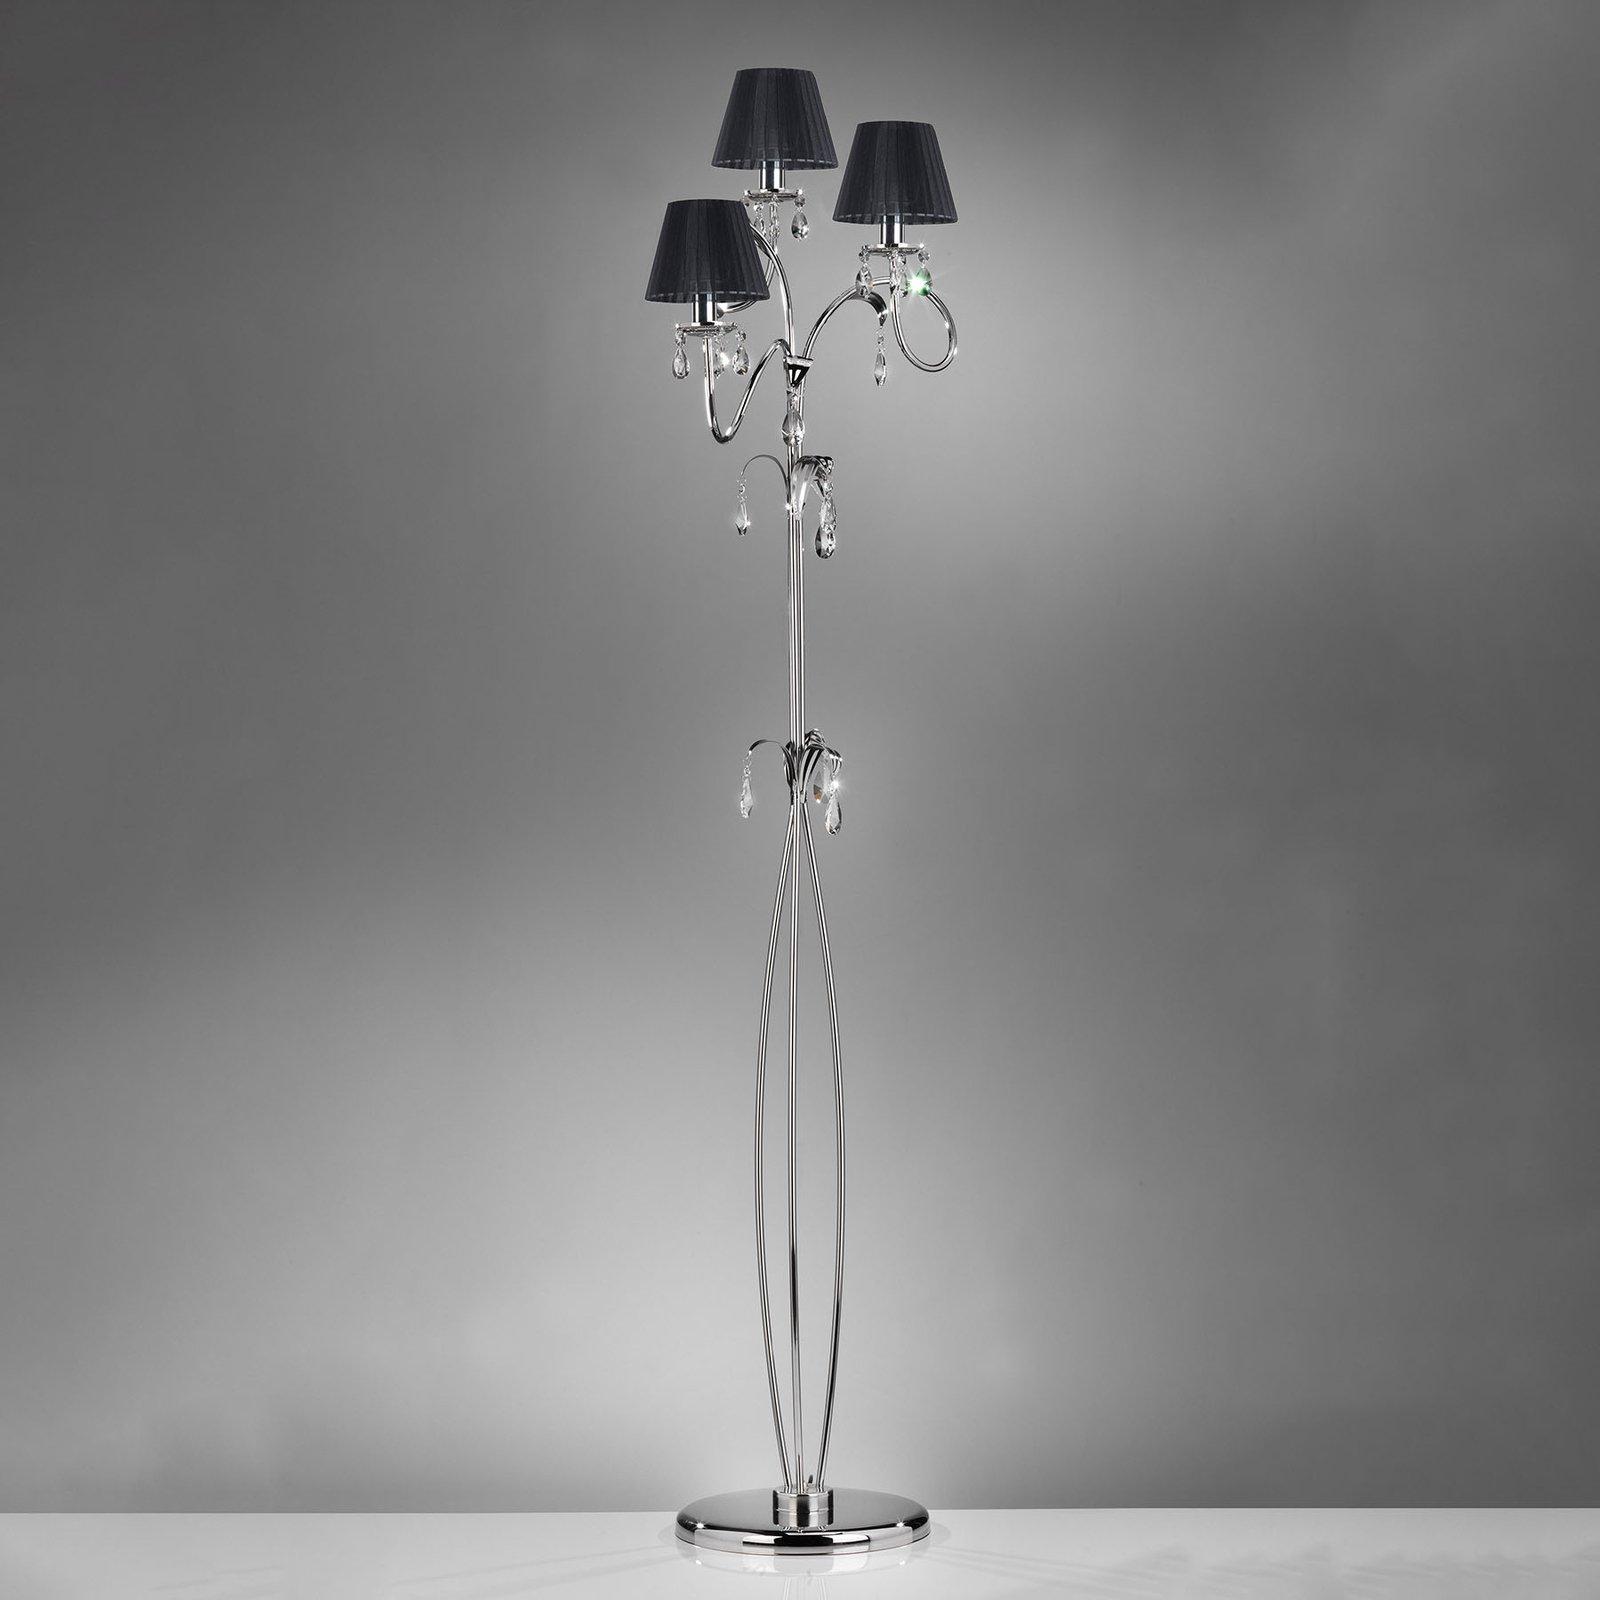 Gulvlampe Jacqueline, 3 lyskilder, svart